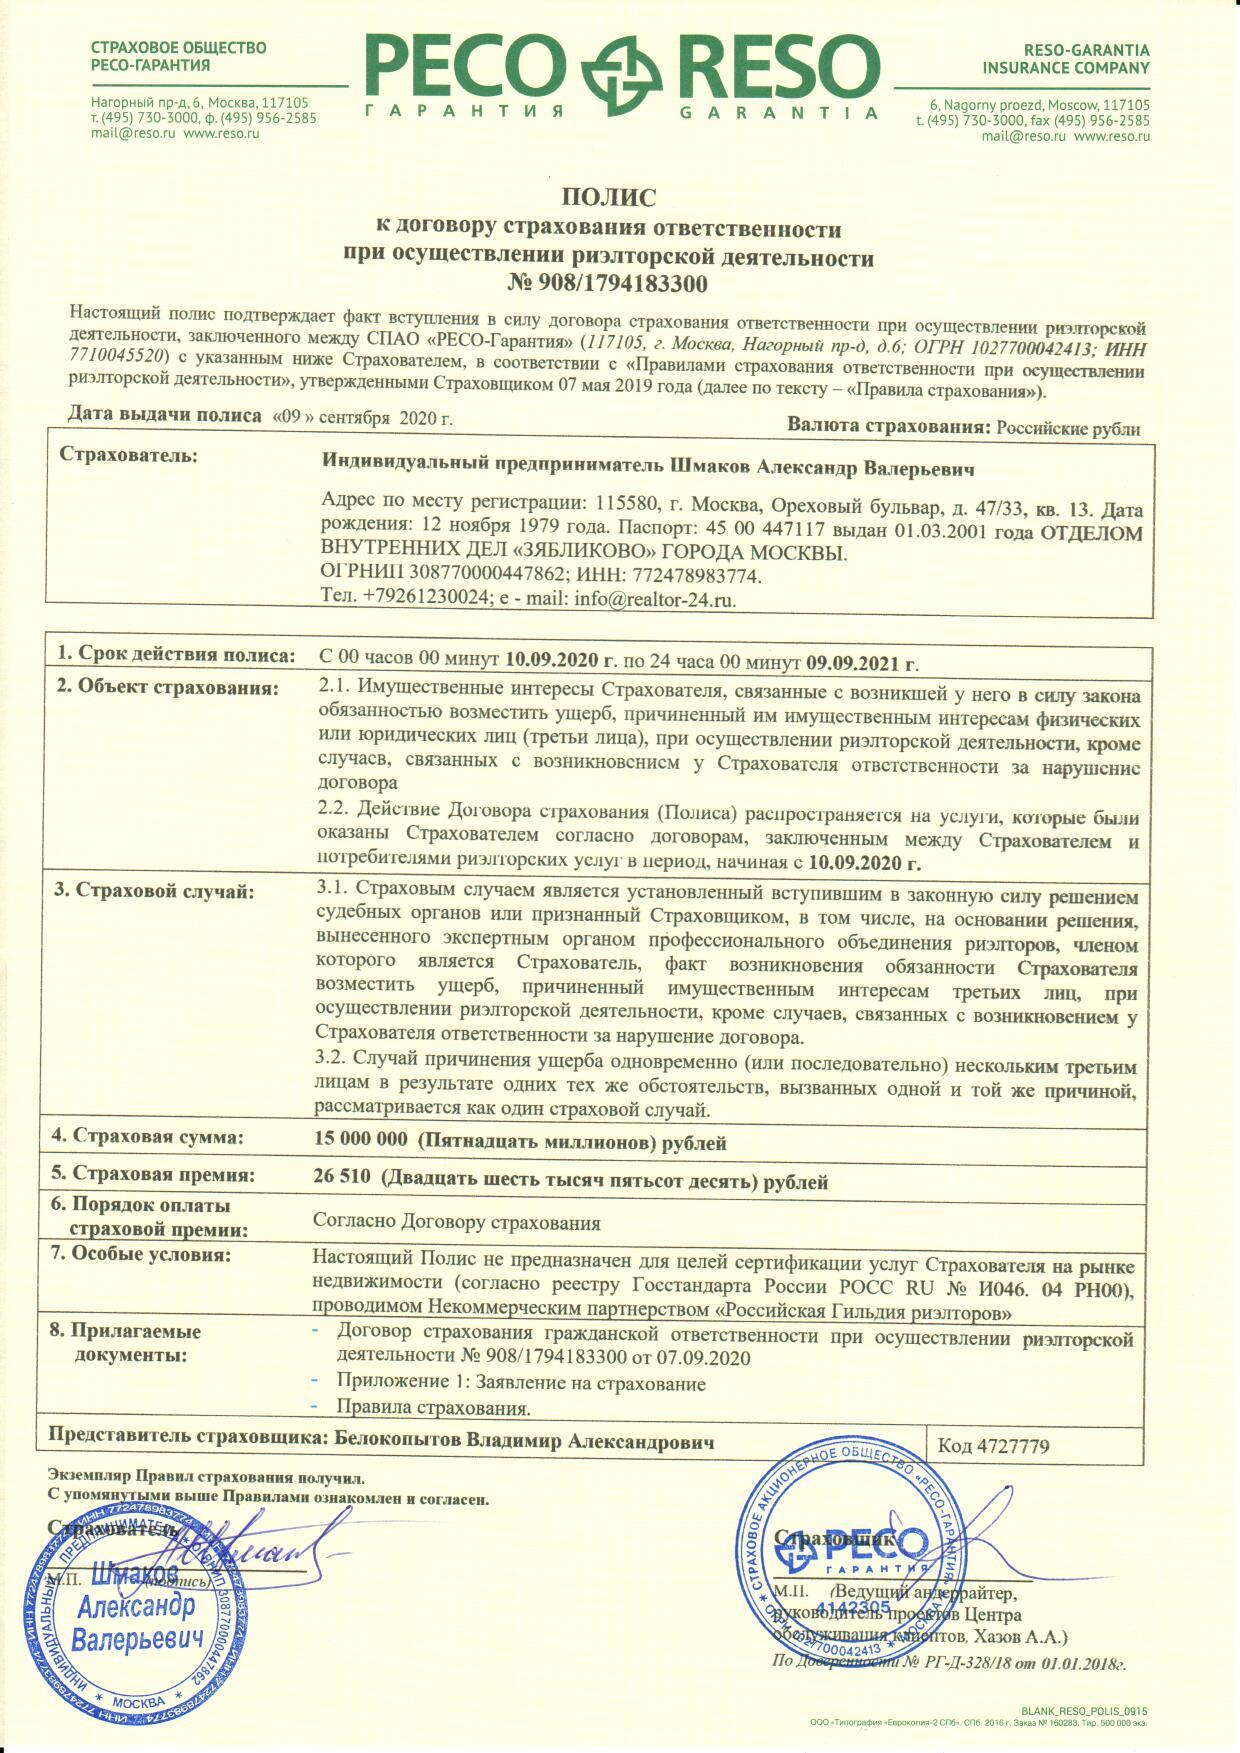 Страховой полис с 10.09.2020г. по 09.09.2021г.